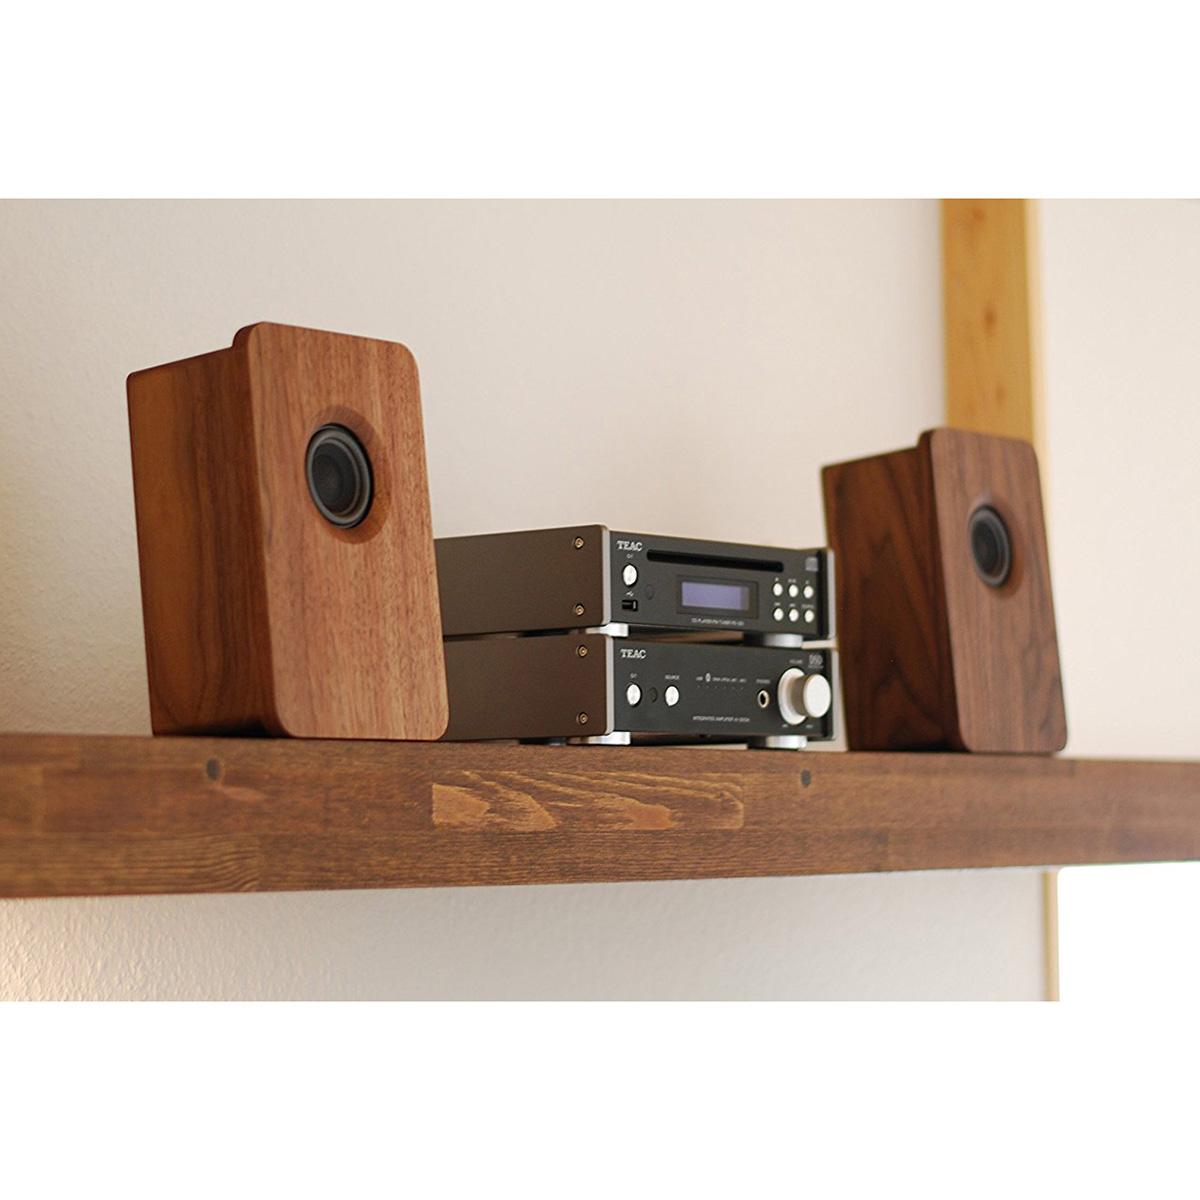 宗七音響 model 216 デスクトップパッシブスピーカー(ウォルナット)+TEAC製アンプ(AI-301DA-SP-B・ブラック)+TEAC製ワイドFMチューナー搭載CDプレーヤー(PD-301-B・ブラック)セット